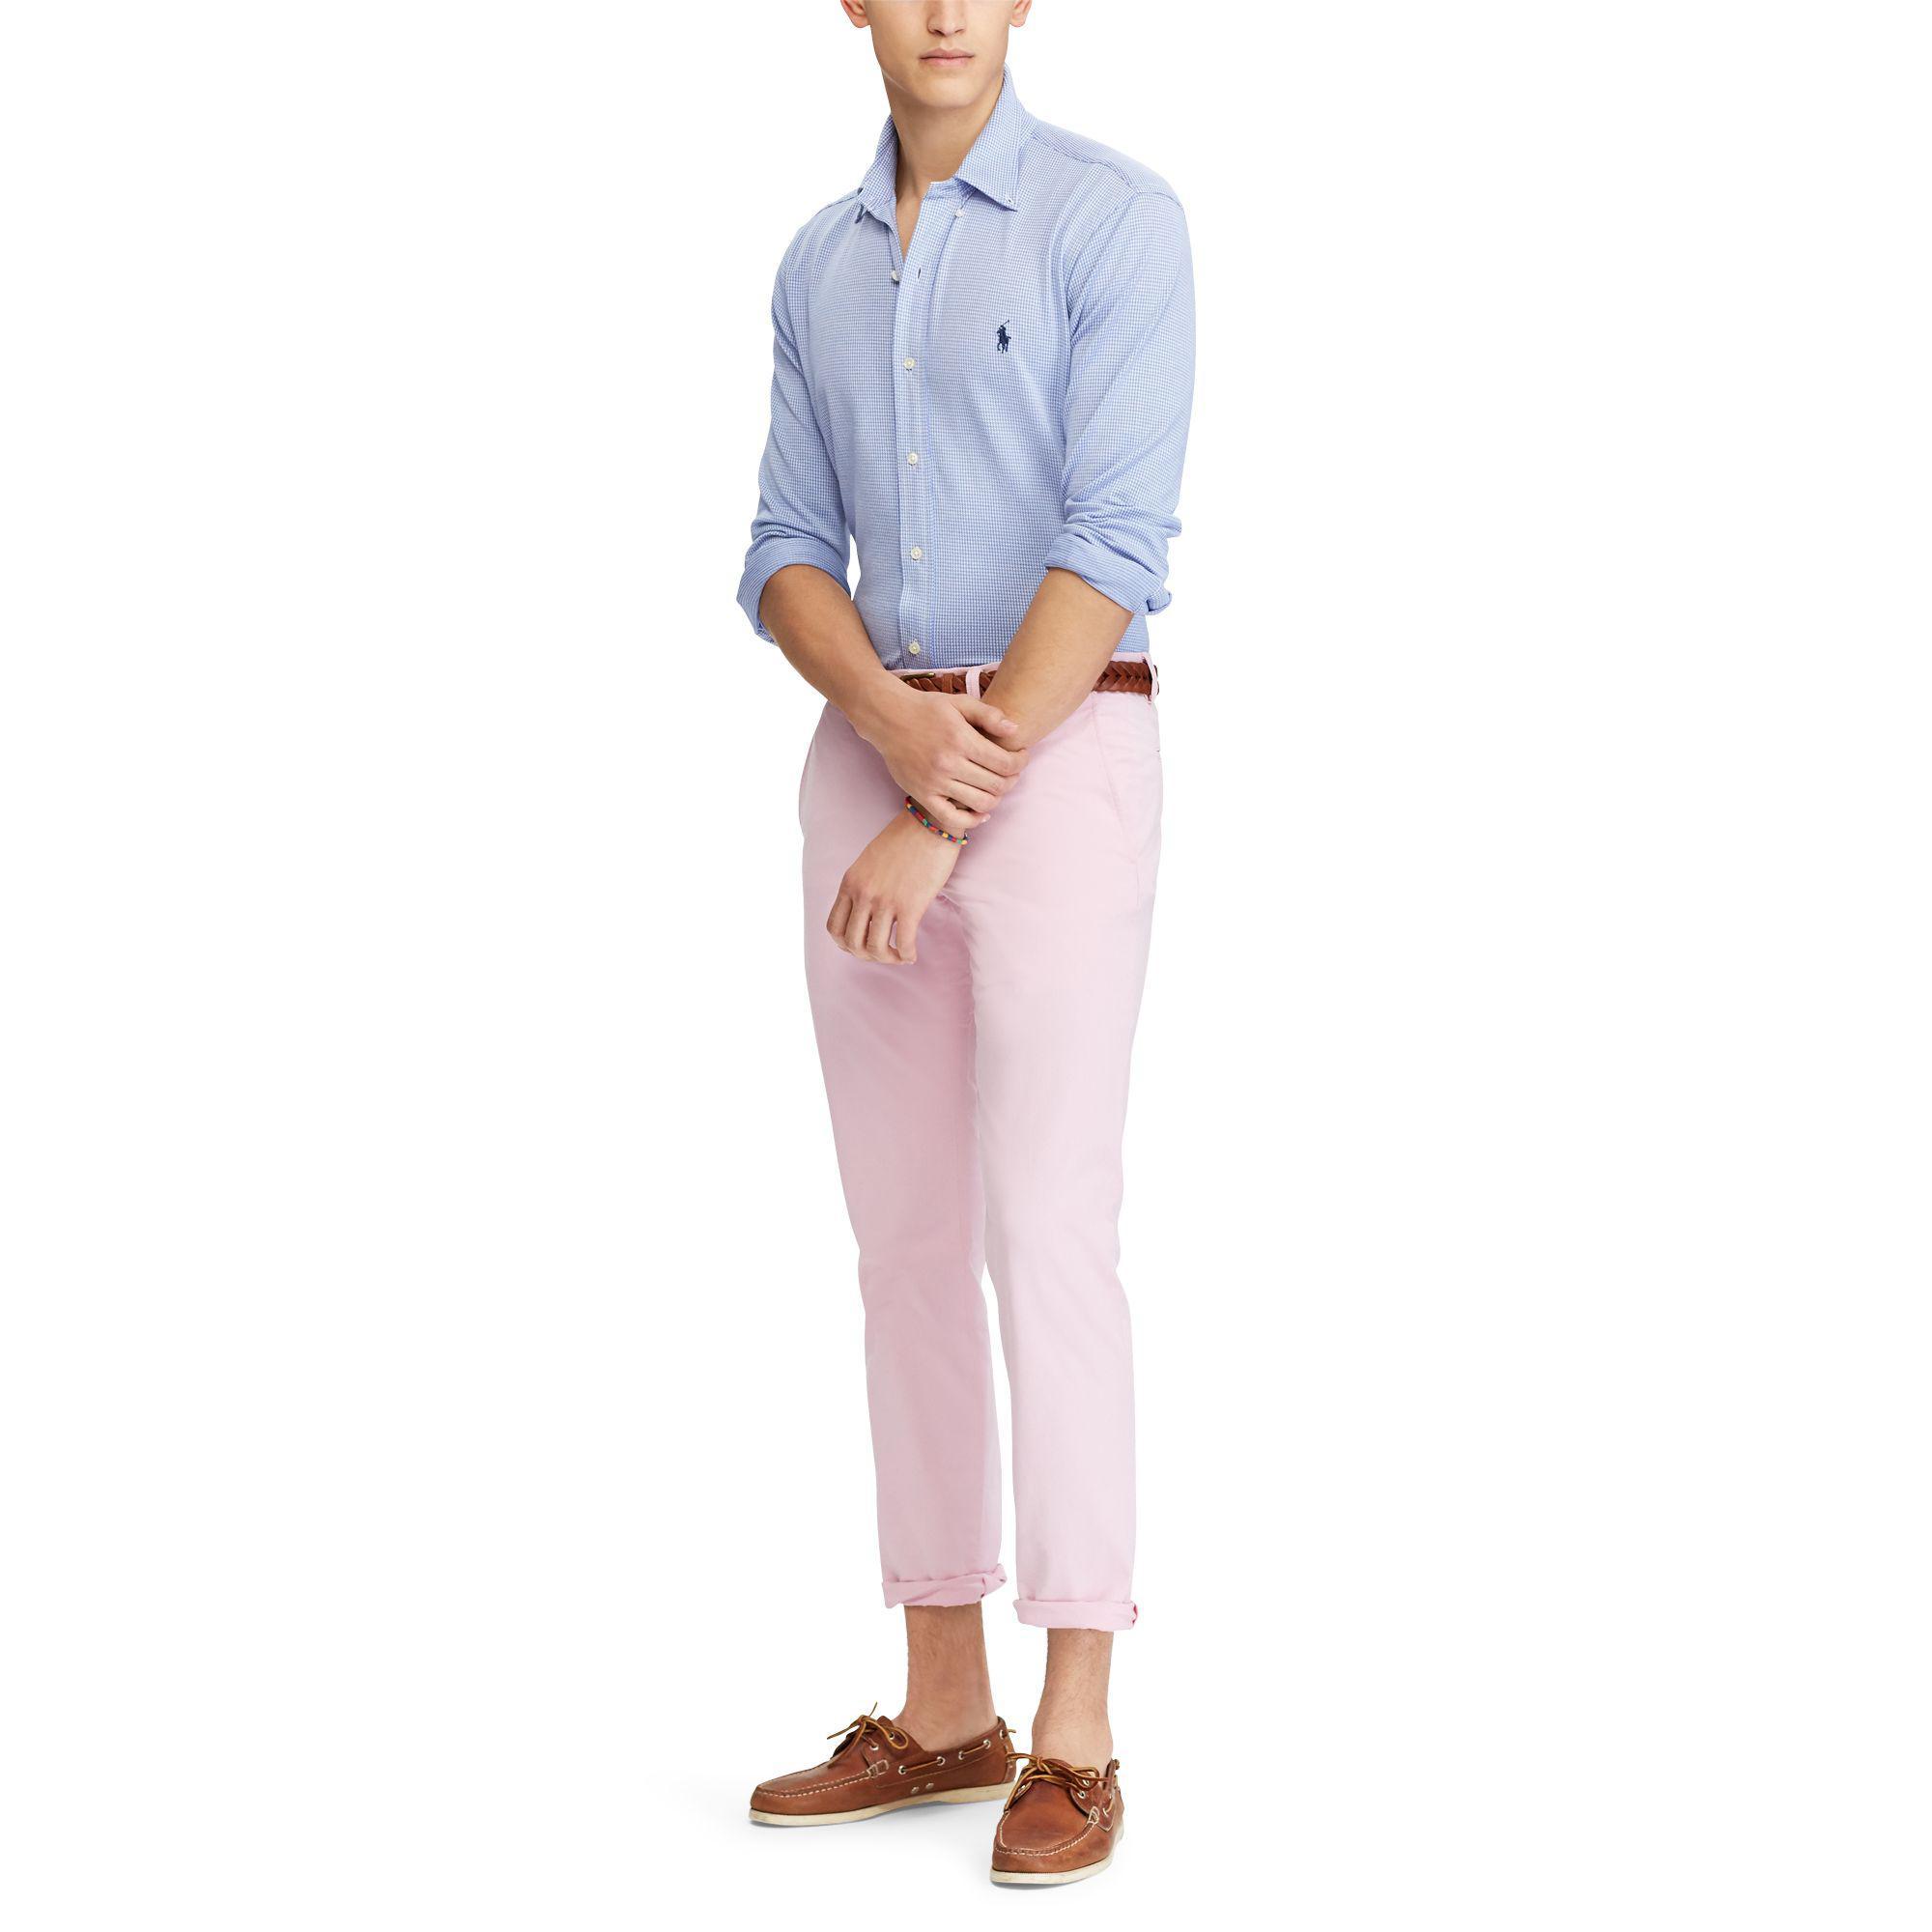 Polo Ralph Lauren Knit Cotton Dress Shirt In Blue For Men Lyst